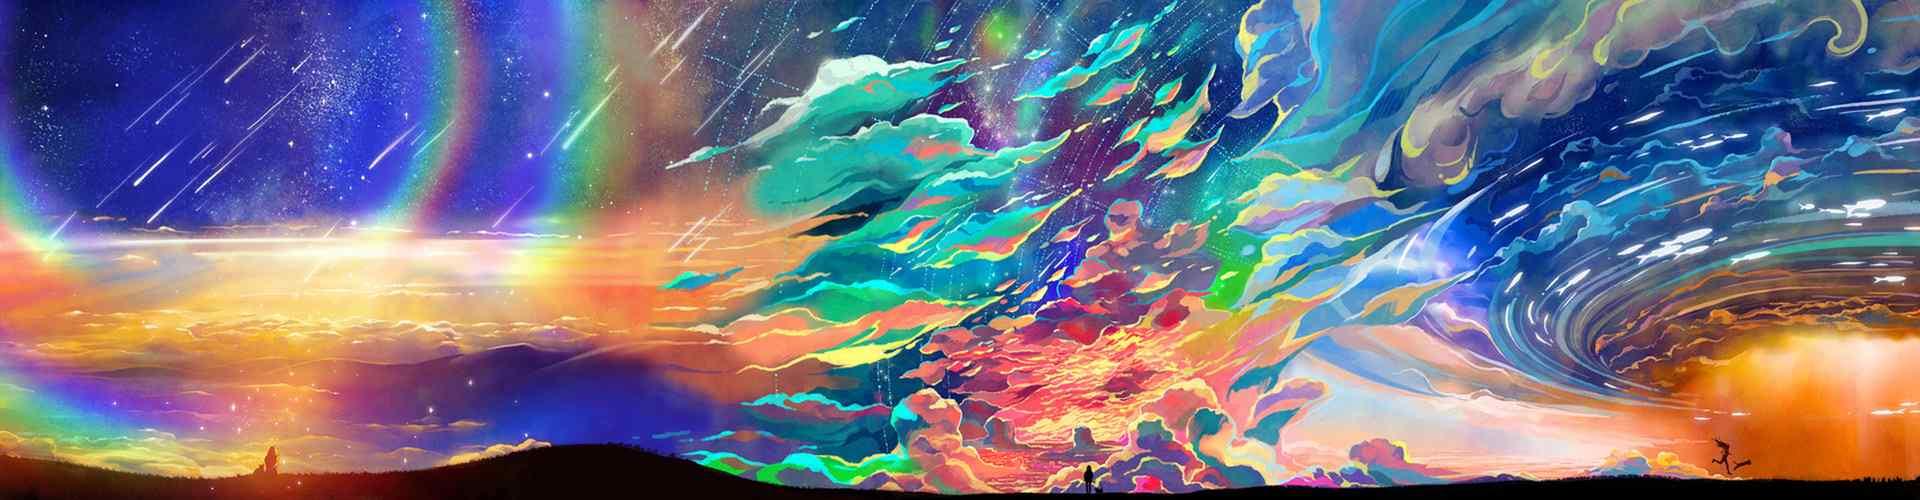 天空风景图片_晴朗天空图片_蓝天风景图片_夜晚天空图片_天空图片大全_手绘天空图片_风景壁纸